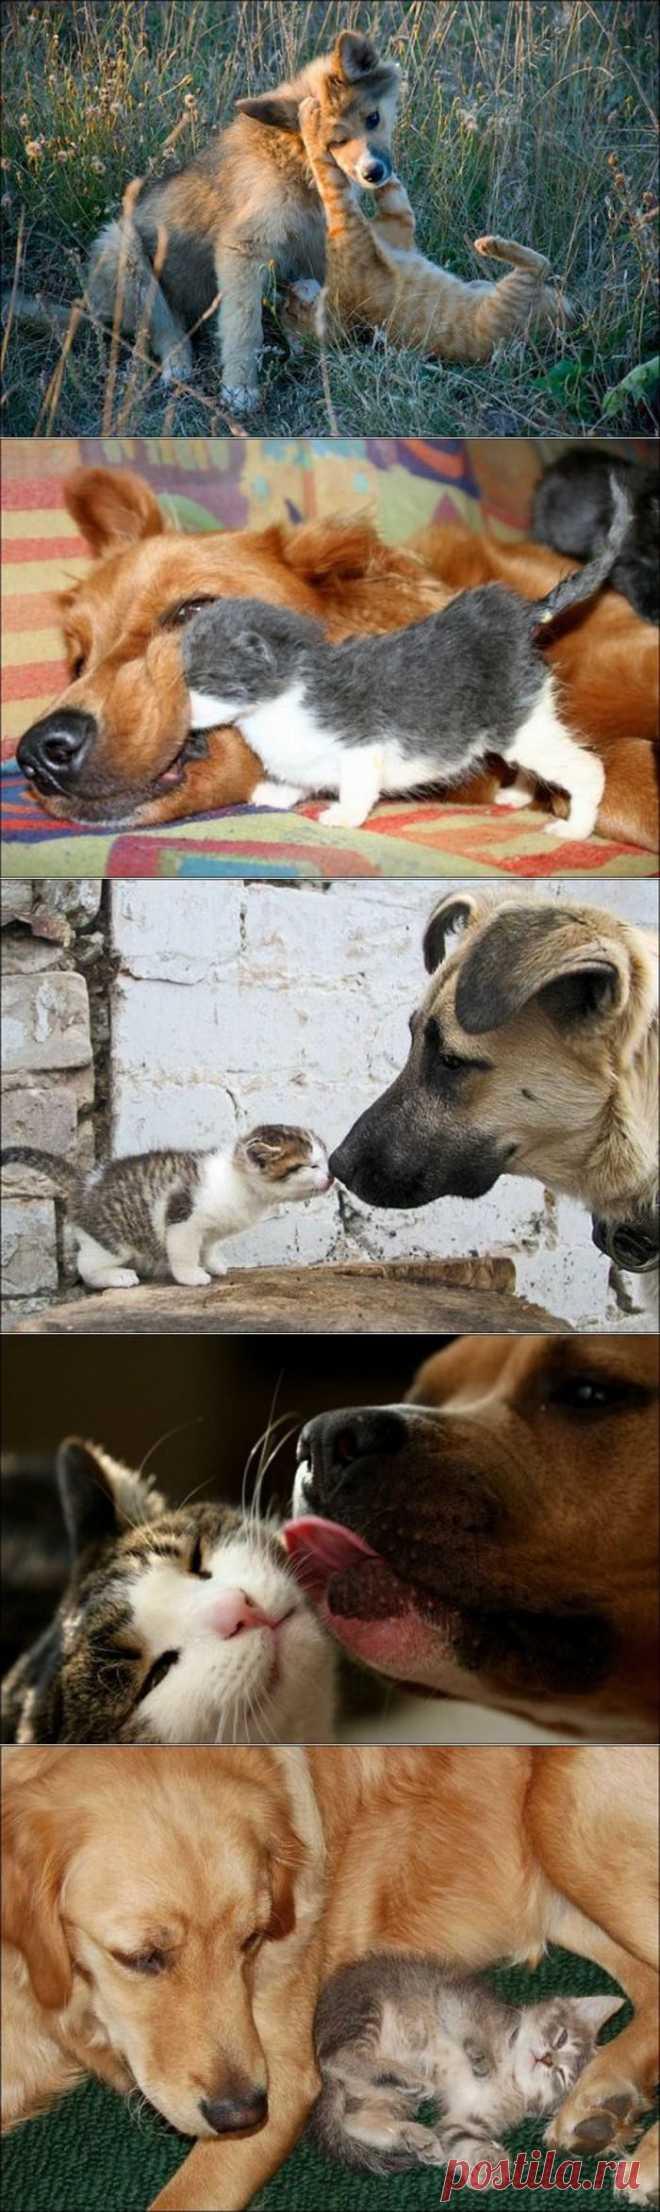 Милые котики и собачки / Питомцы